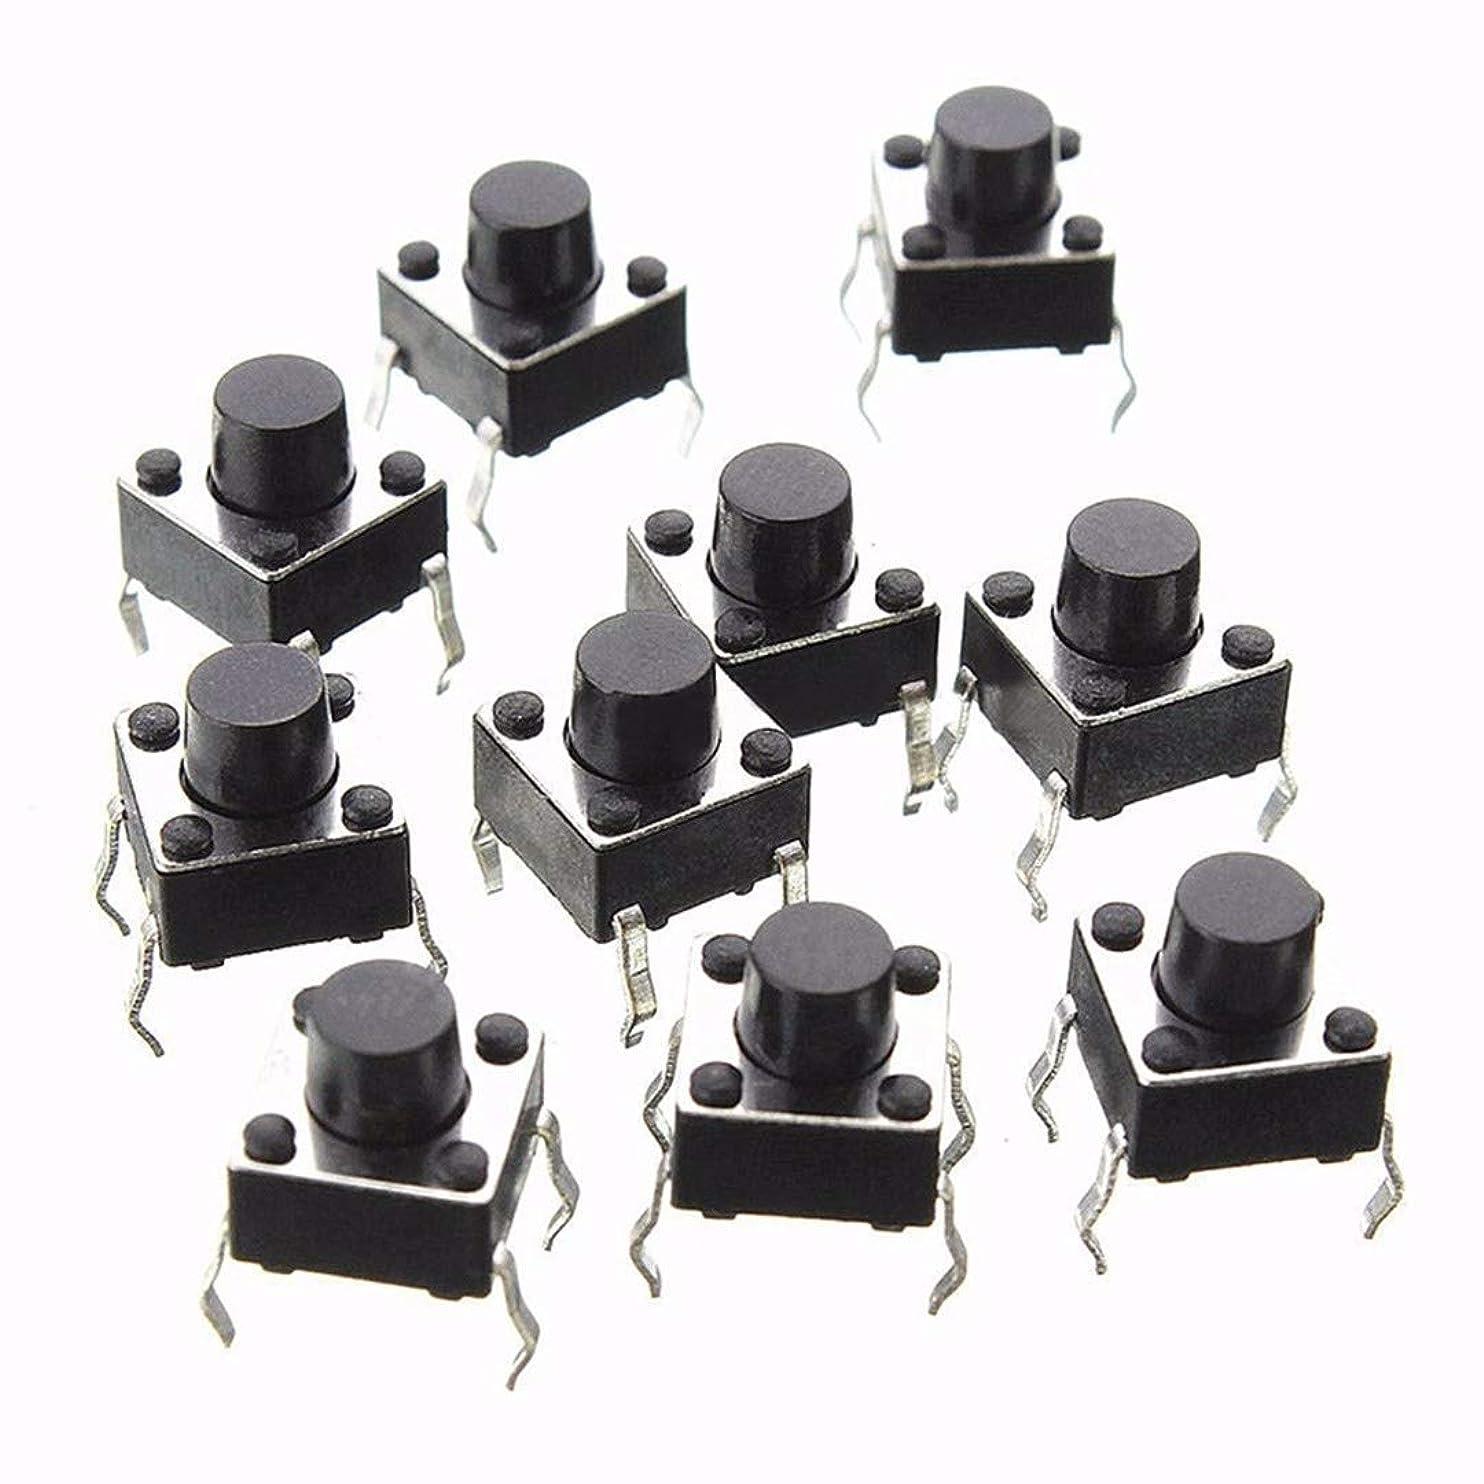 ポーチ静けさ静けさ200pcsの10バリューTM触覚プッシュボタンスイッチマイクロモメンタリタクトスイッチ盛り合わせセットでプラスチックボックス (色 : As show)